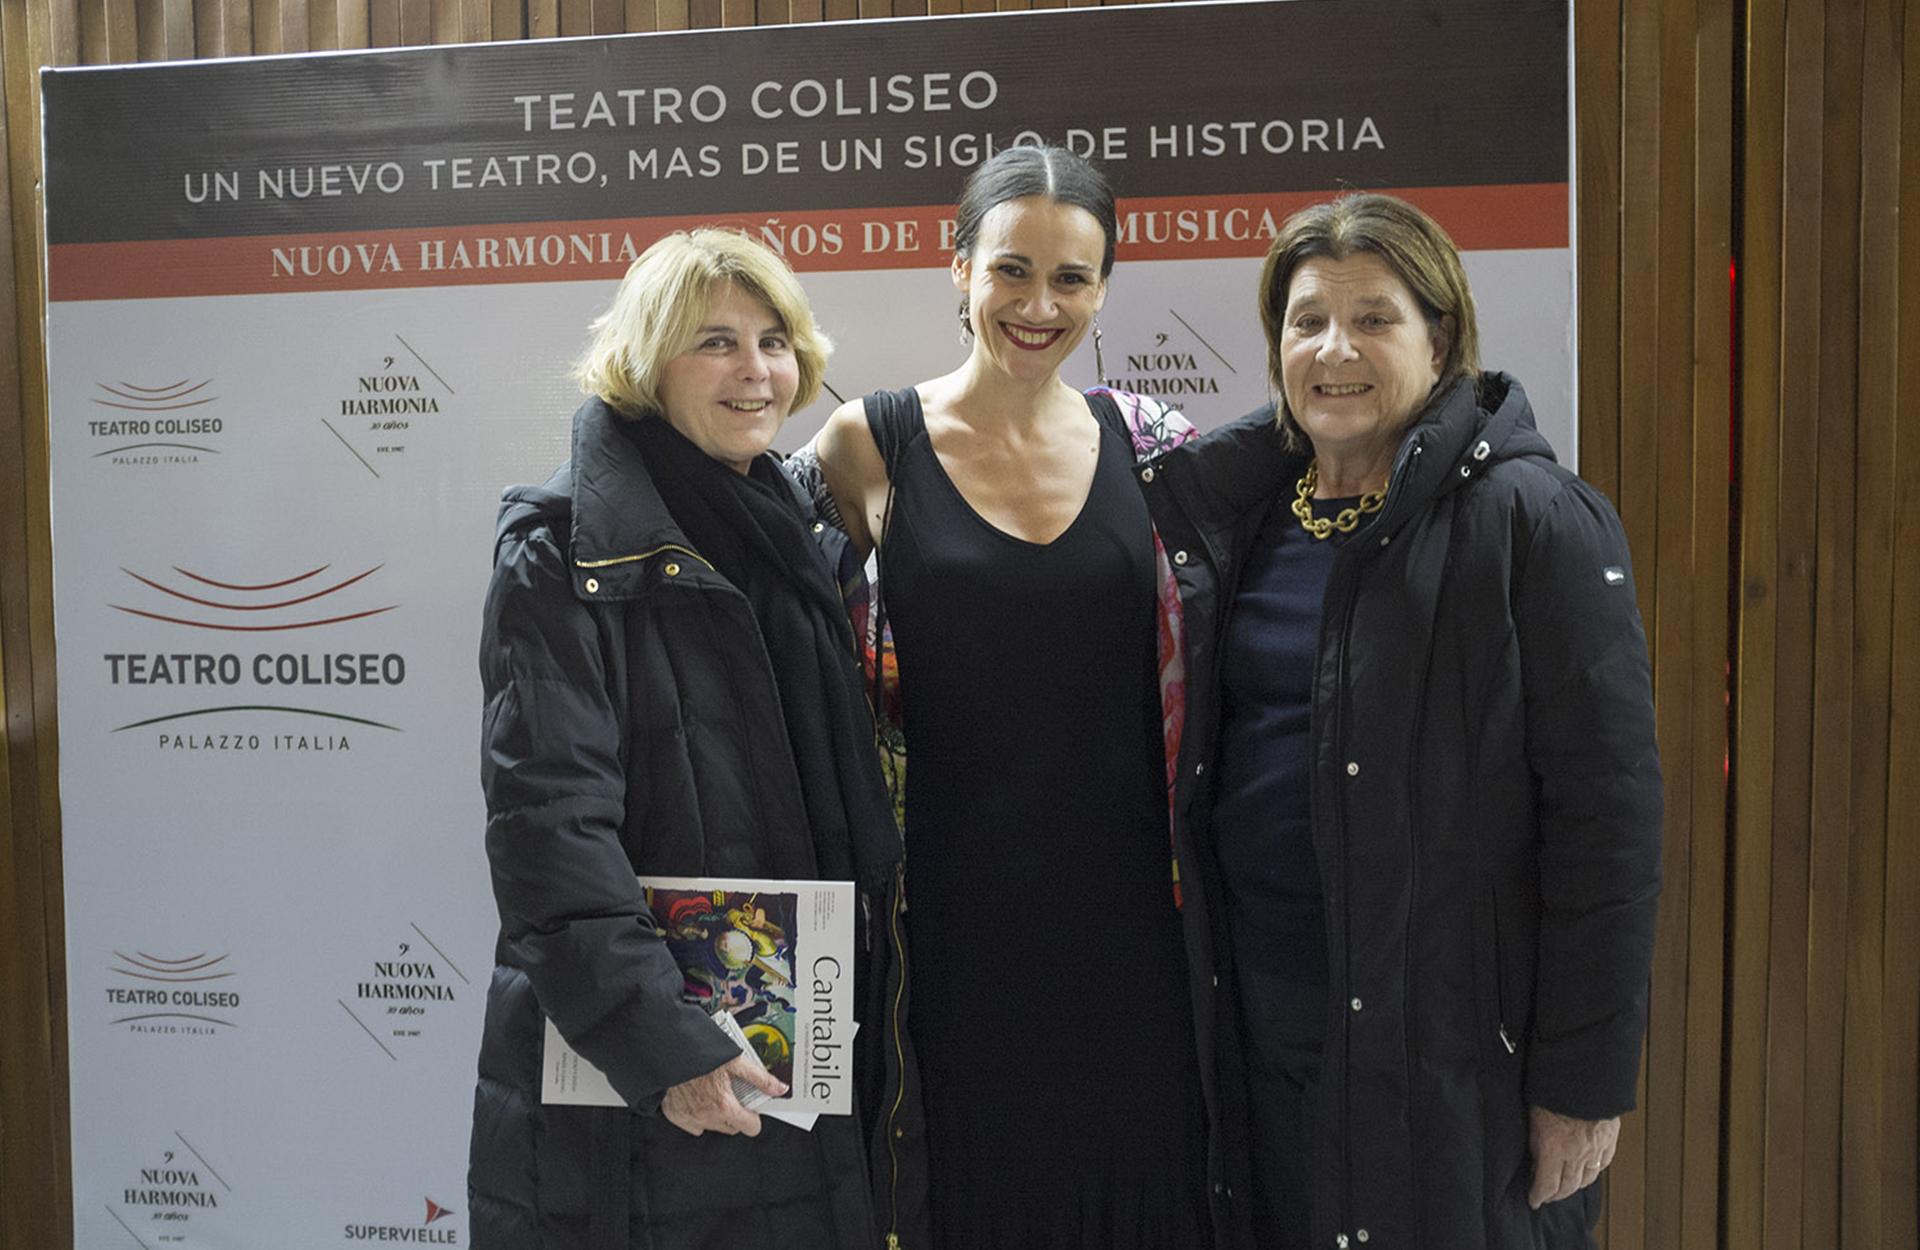 Magdalena Cordero junto a Elisabetta Riva, directora del Teatro Coliseo y del ciclo Nuova Harmonia, y María Teresa Cordero